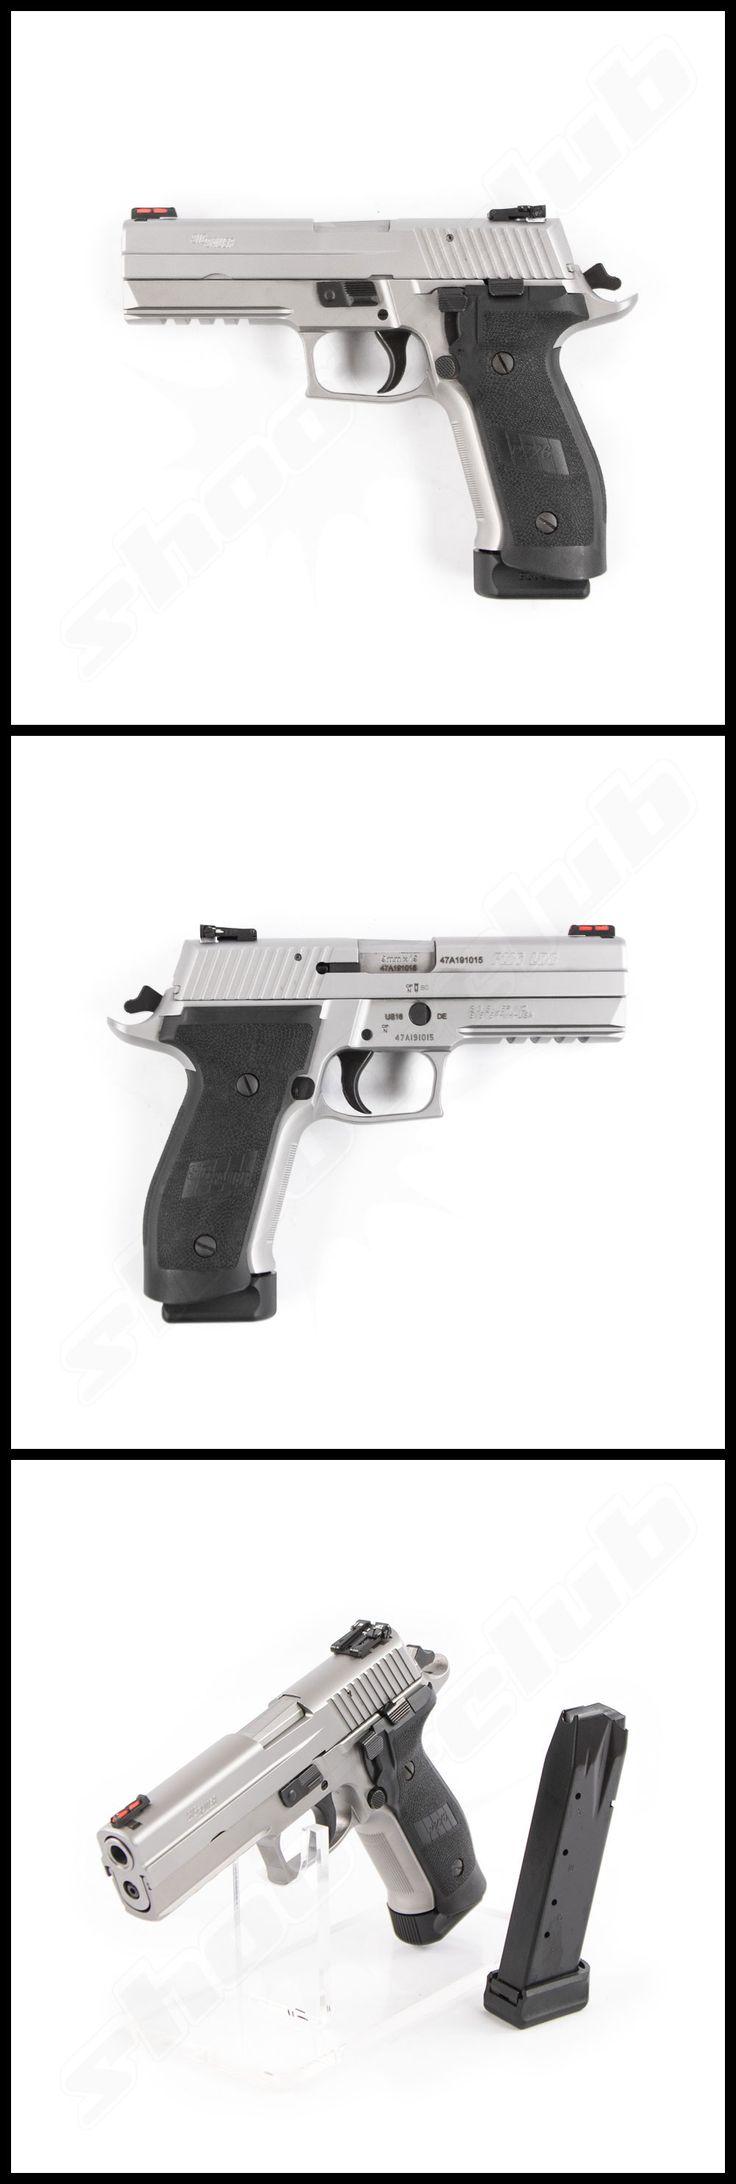 Pistole Sig Sauer P226 LDC 2 - Tacops Silber im Kaliber 9mm Luger www.shoot-club.de